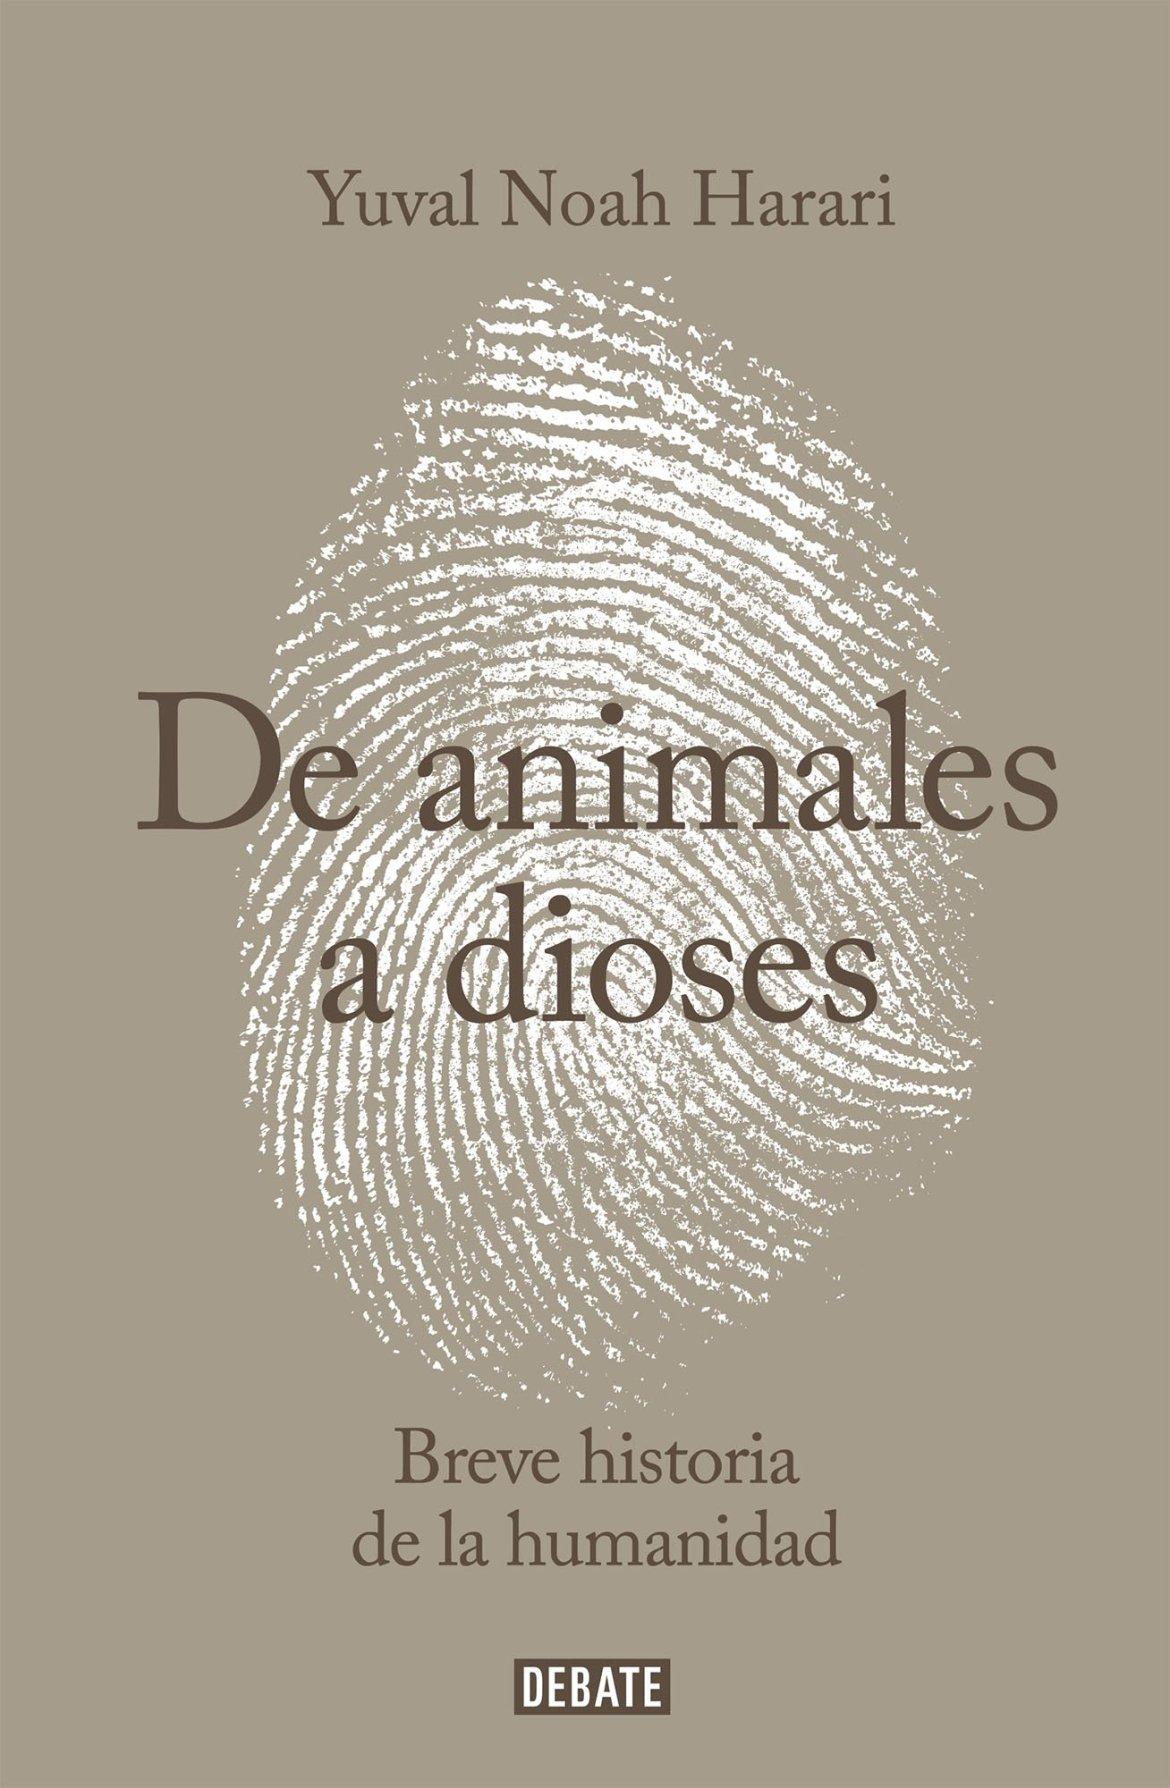 De animales a dioses: Breve historia de la humanidad (Sapiens): Yuval Noah  Harari: Amazon.com.mx: Libros